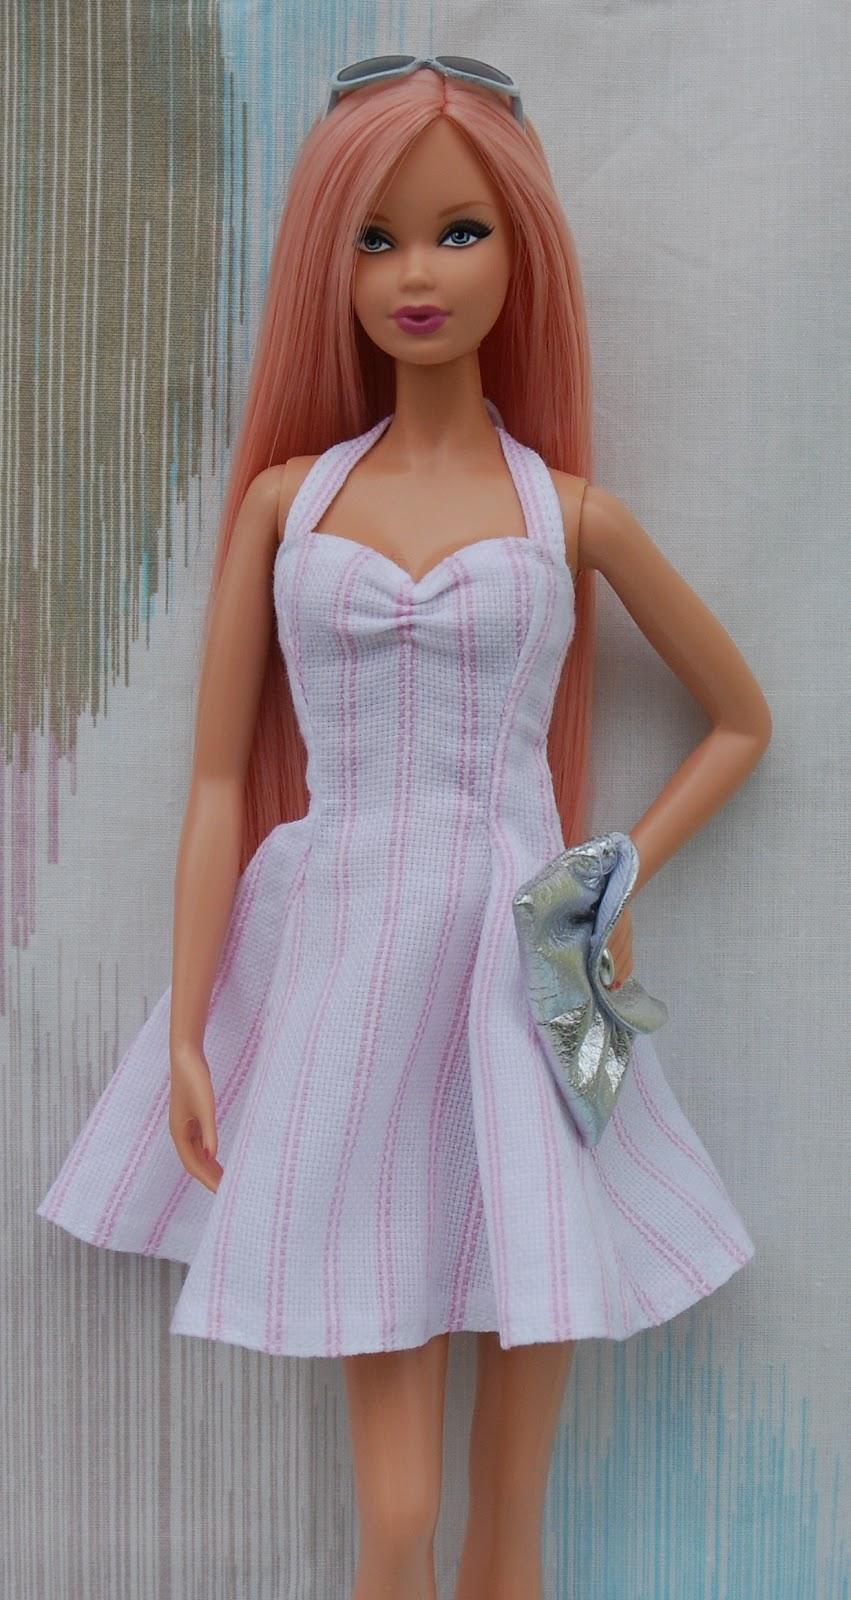 Как сшить платье для куклы пошаговое фото - Мой секрет 38